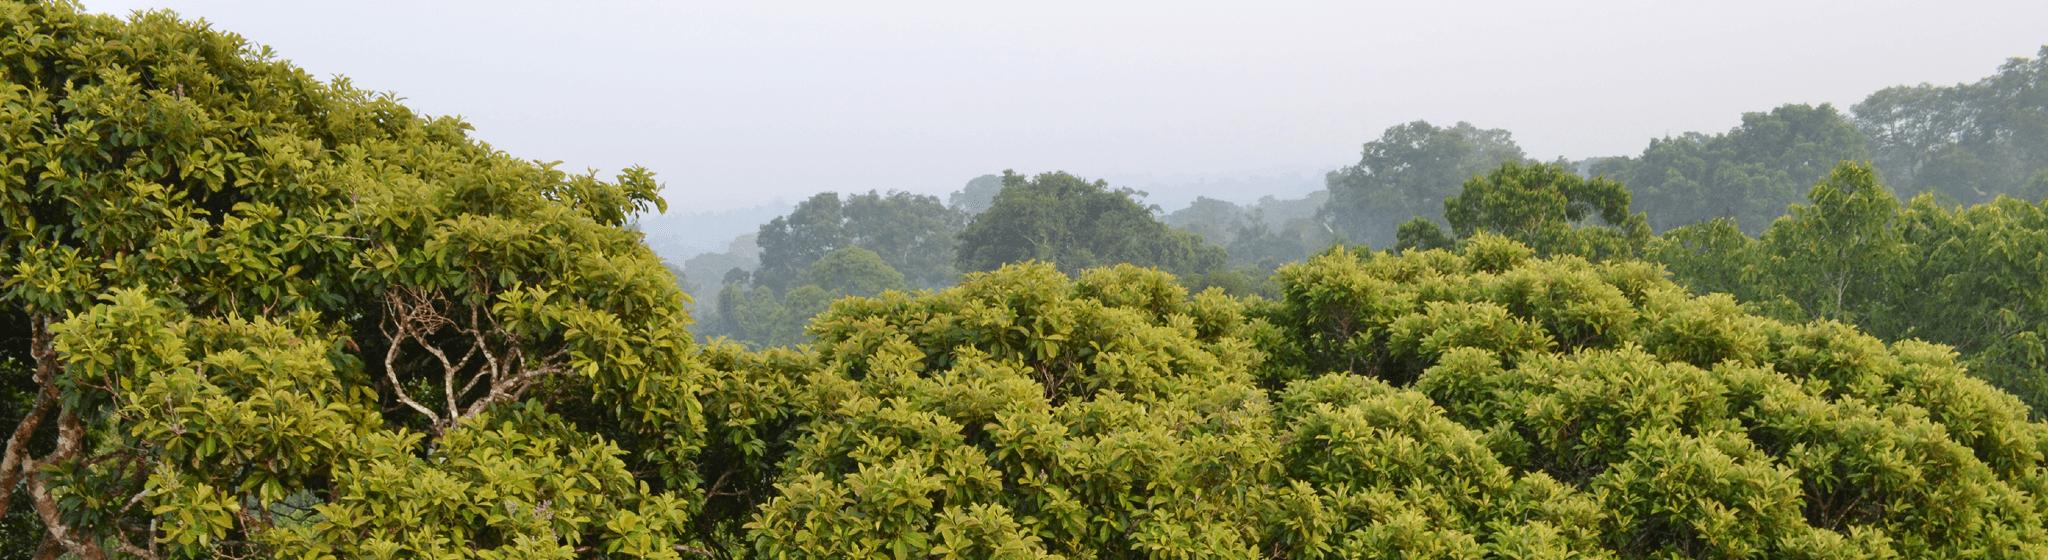 Canopée de la jungle brésilienne vue du dessus.